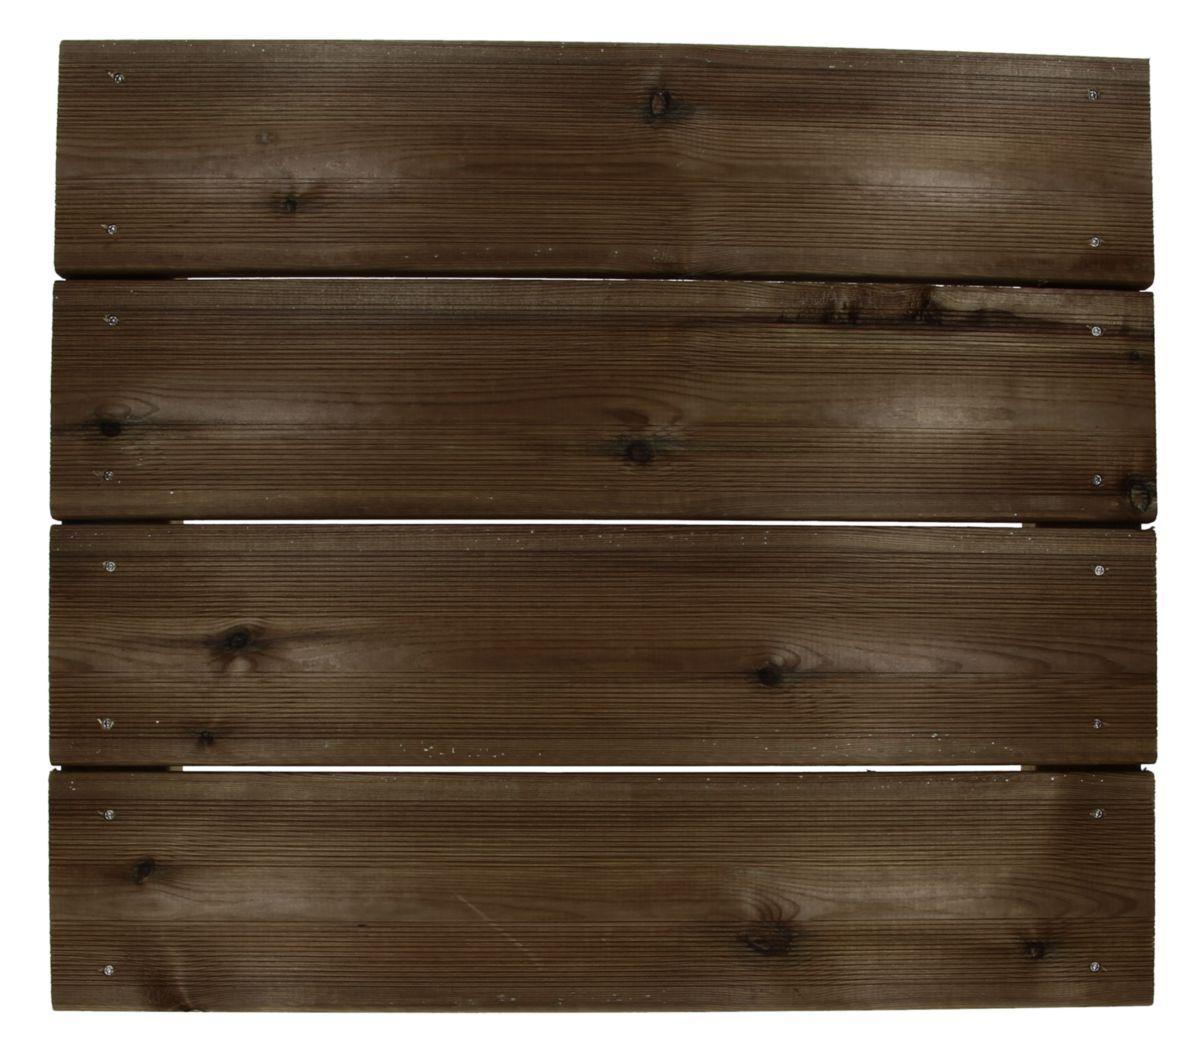 lame de terrasse pin bois du nord choix a b trait e classe. Black Bedroom Furniture Sets. Home Design Ideas